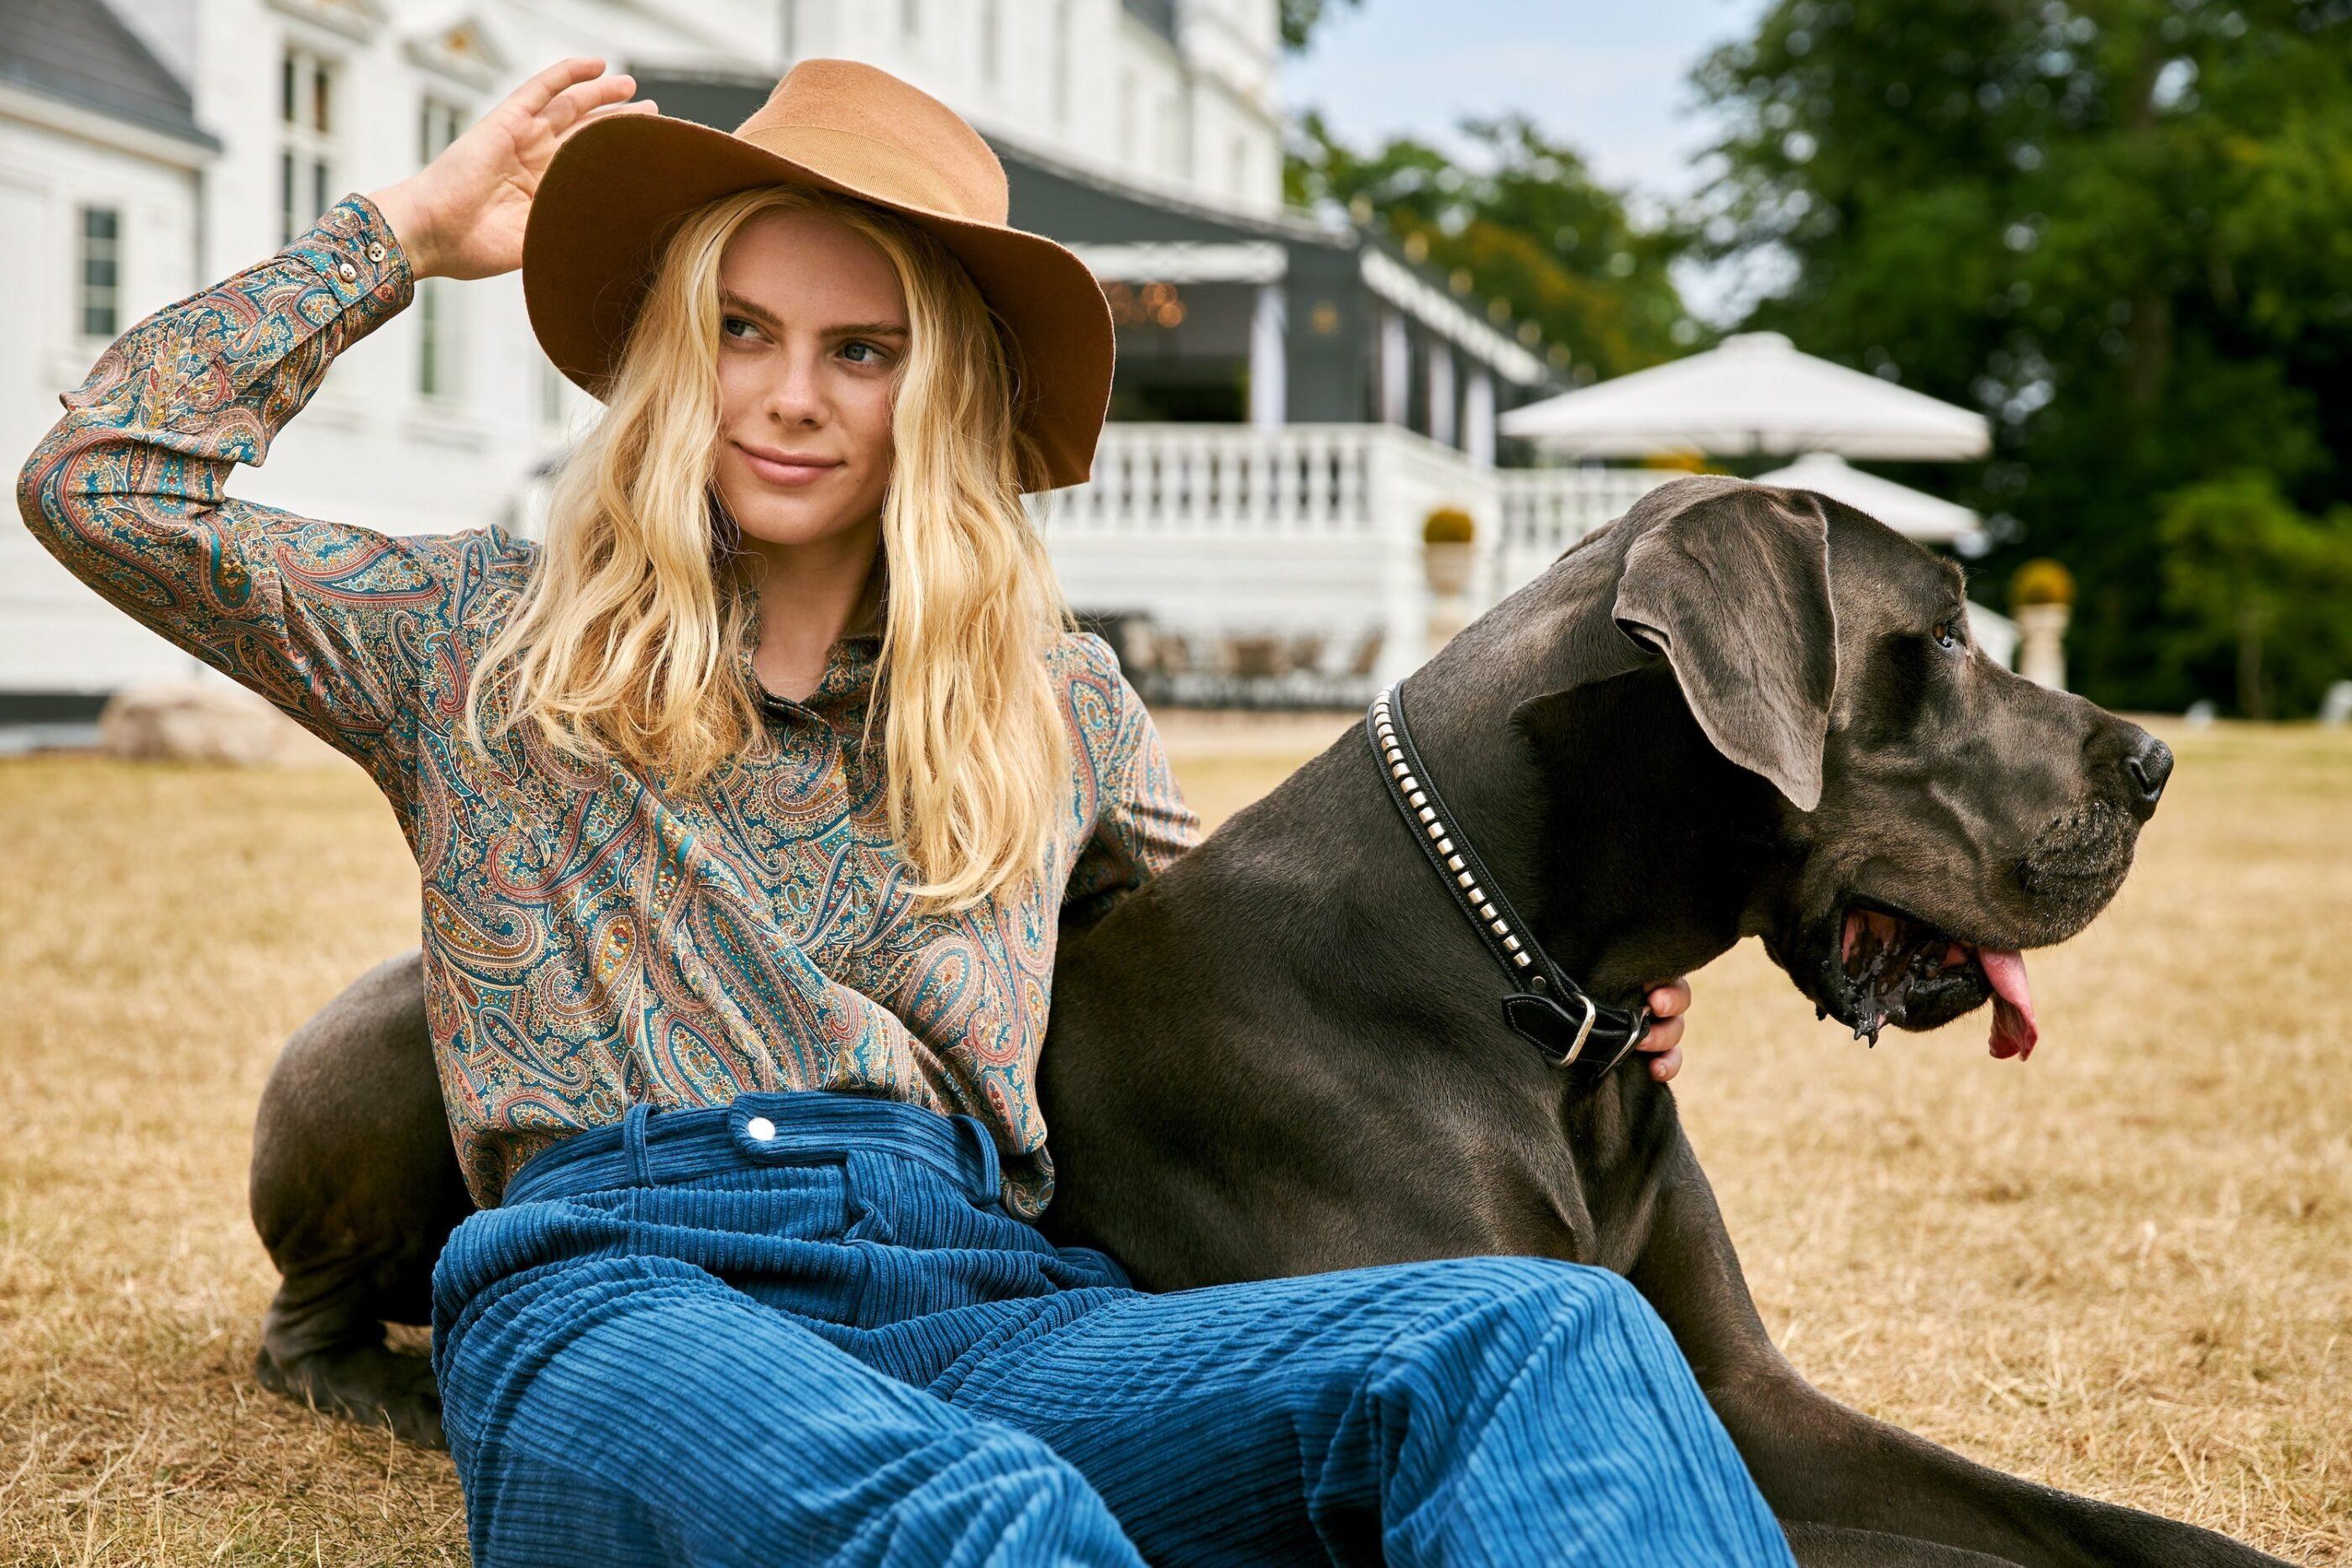 En kvinde med cowboyhat sidder i haven med en hund